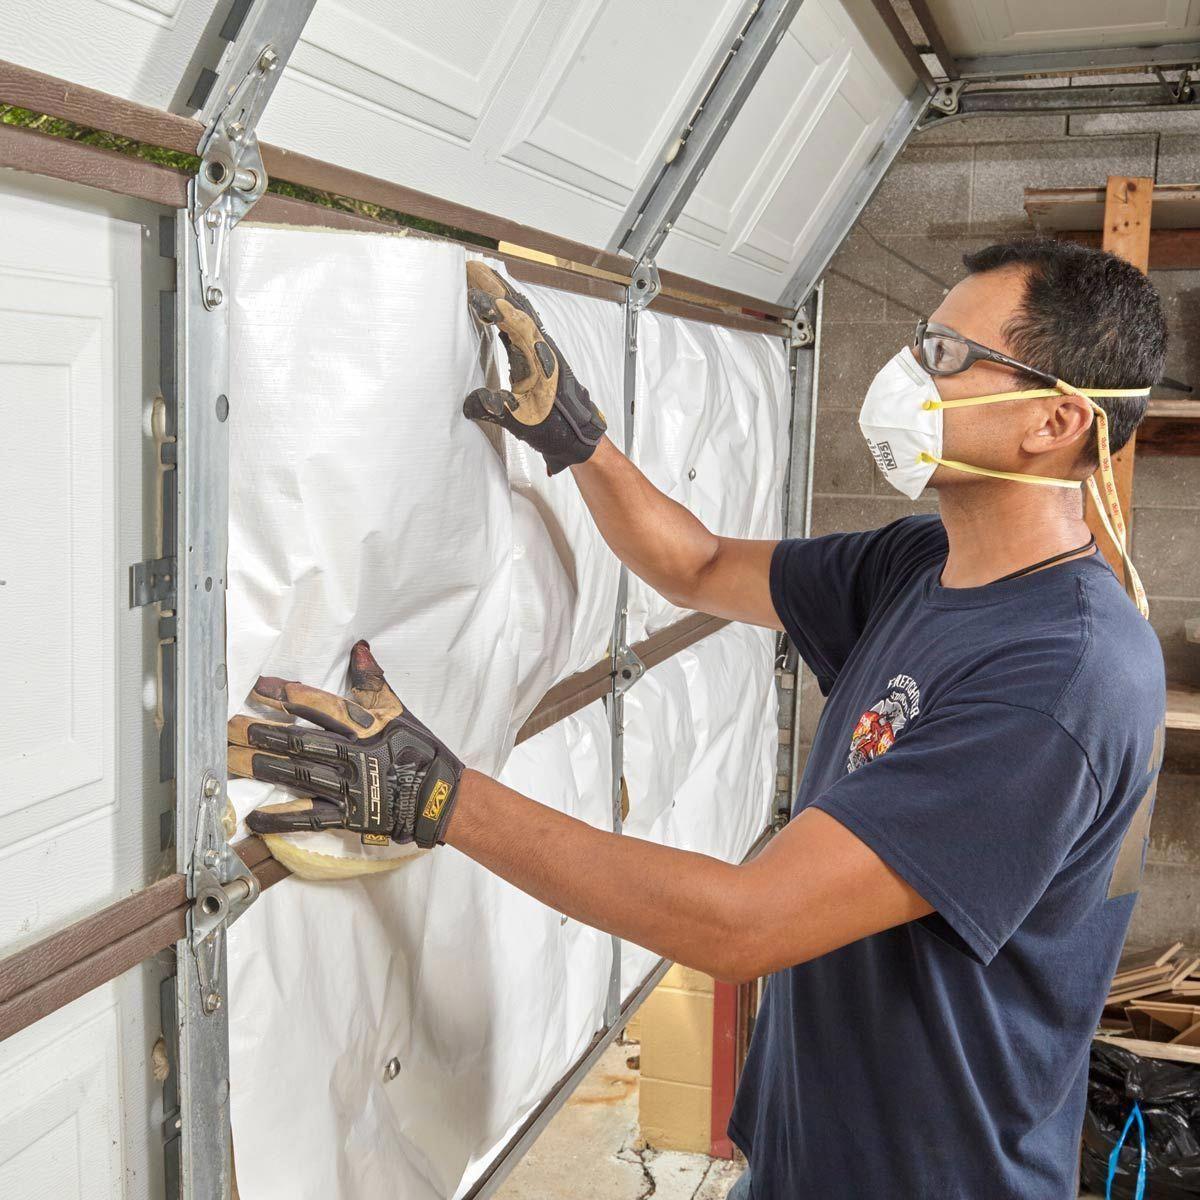 Exactly how to insulate a garage door homerenovationtips